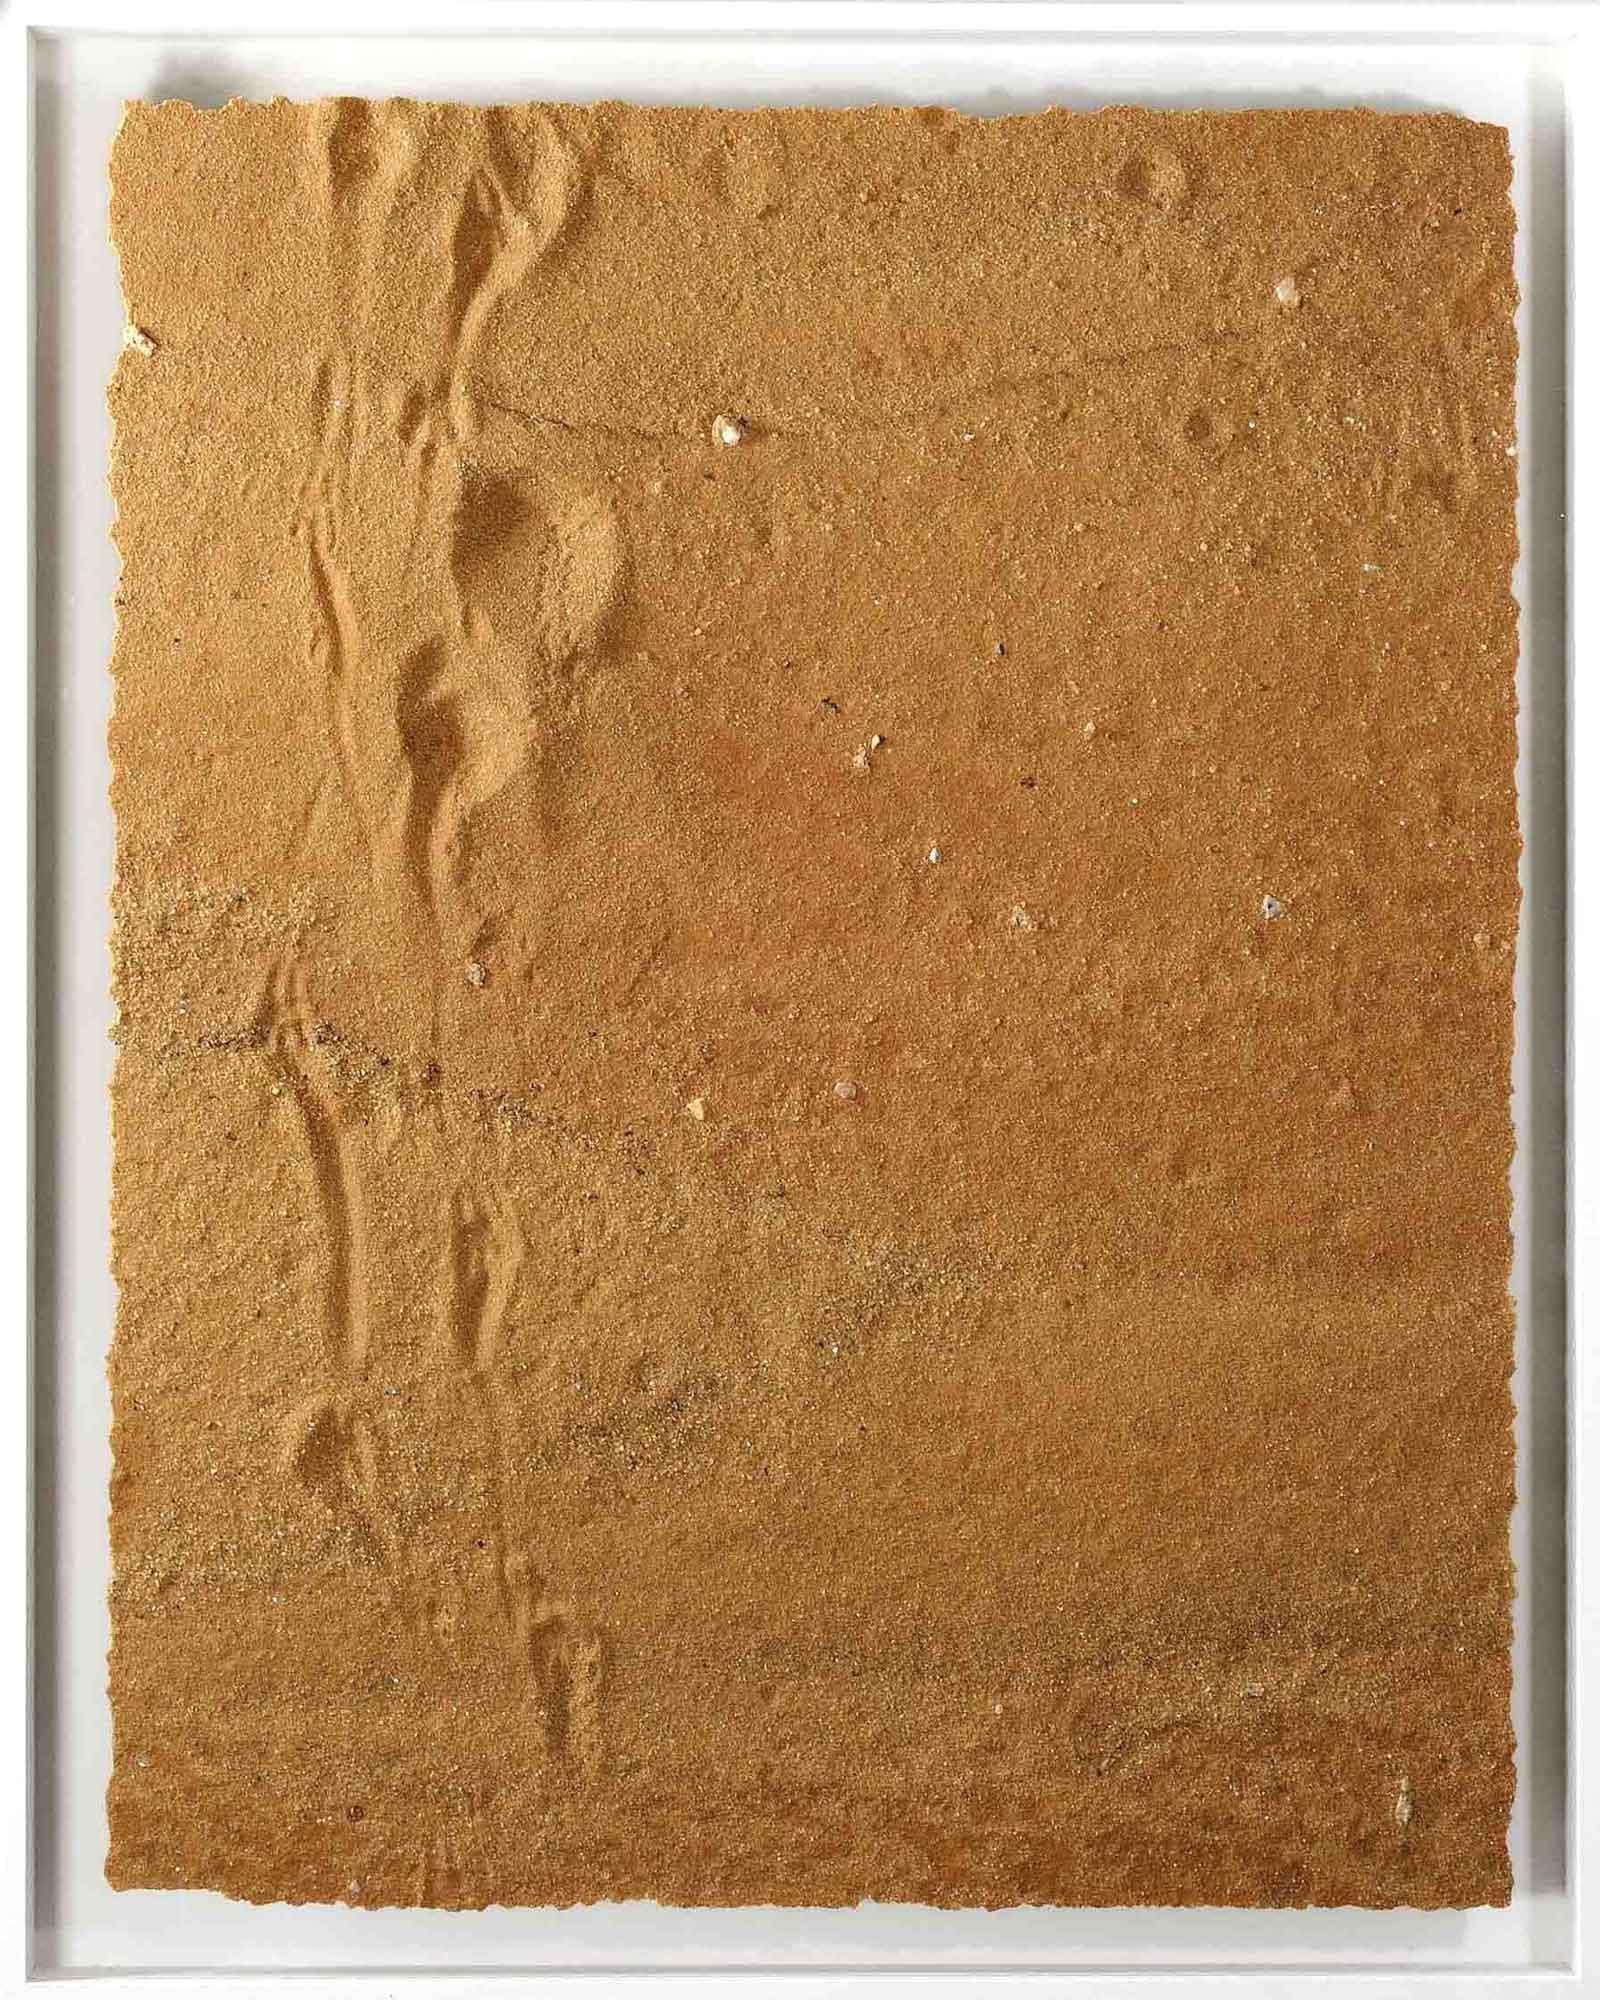 Natur Tapete Bilder Galerie 15 - alle Tapeten zum online kaufen